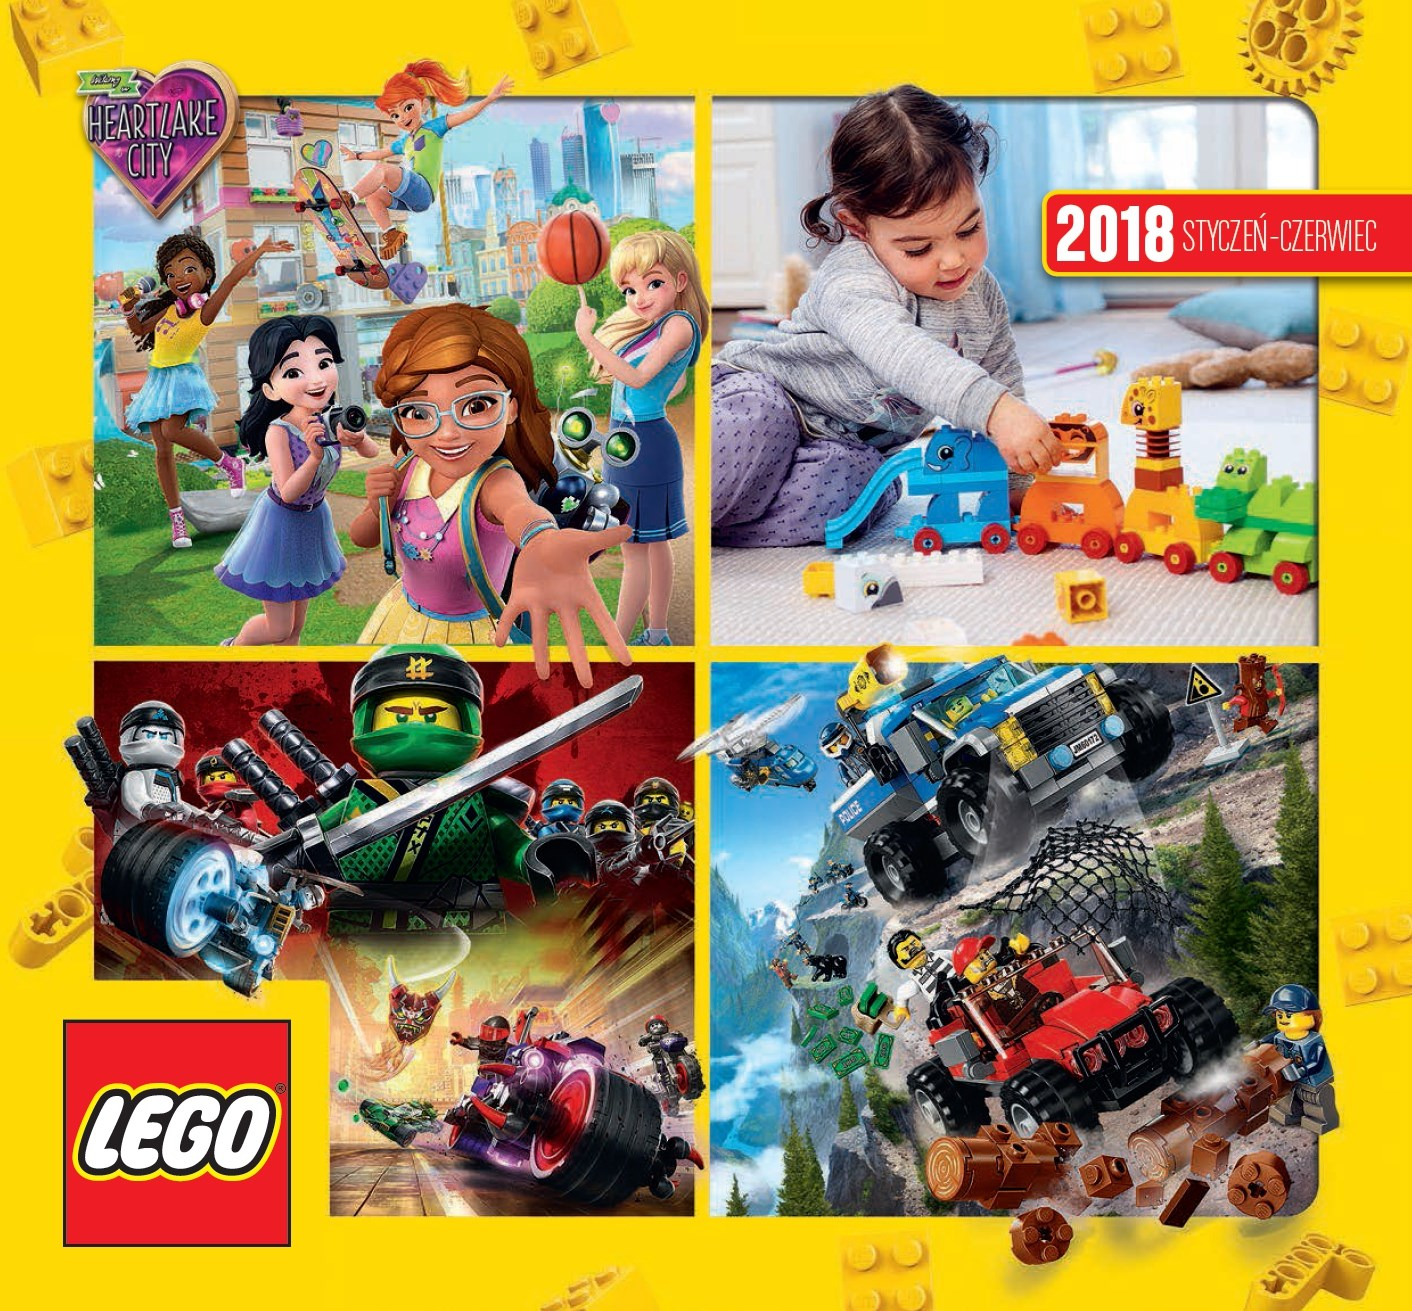 Lego Katalog 2018 Styczeń Czerwiec Nowy Pl 7115193619 Oficjalne